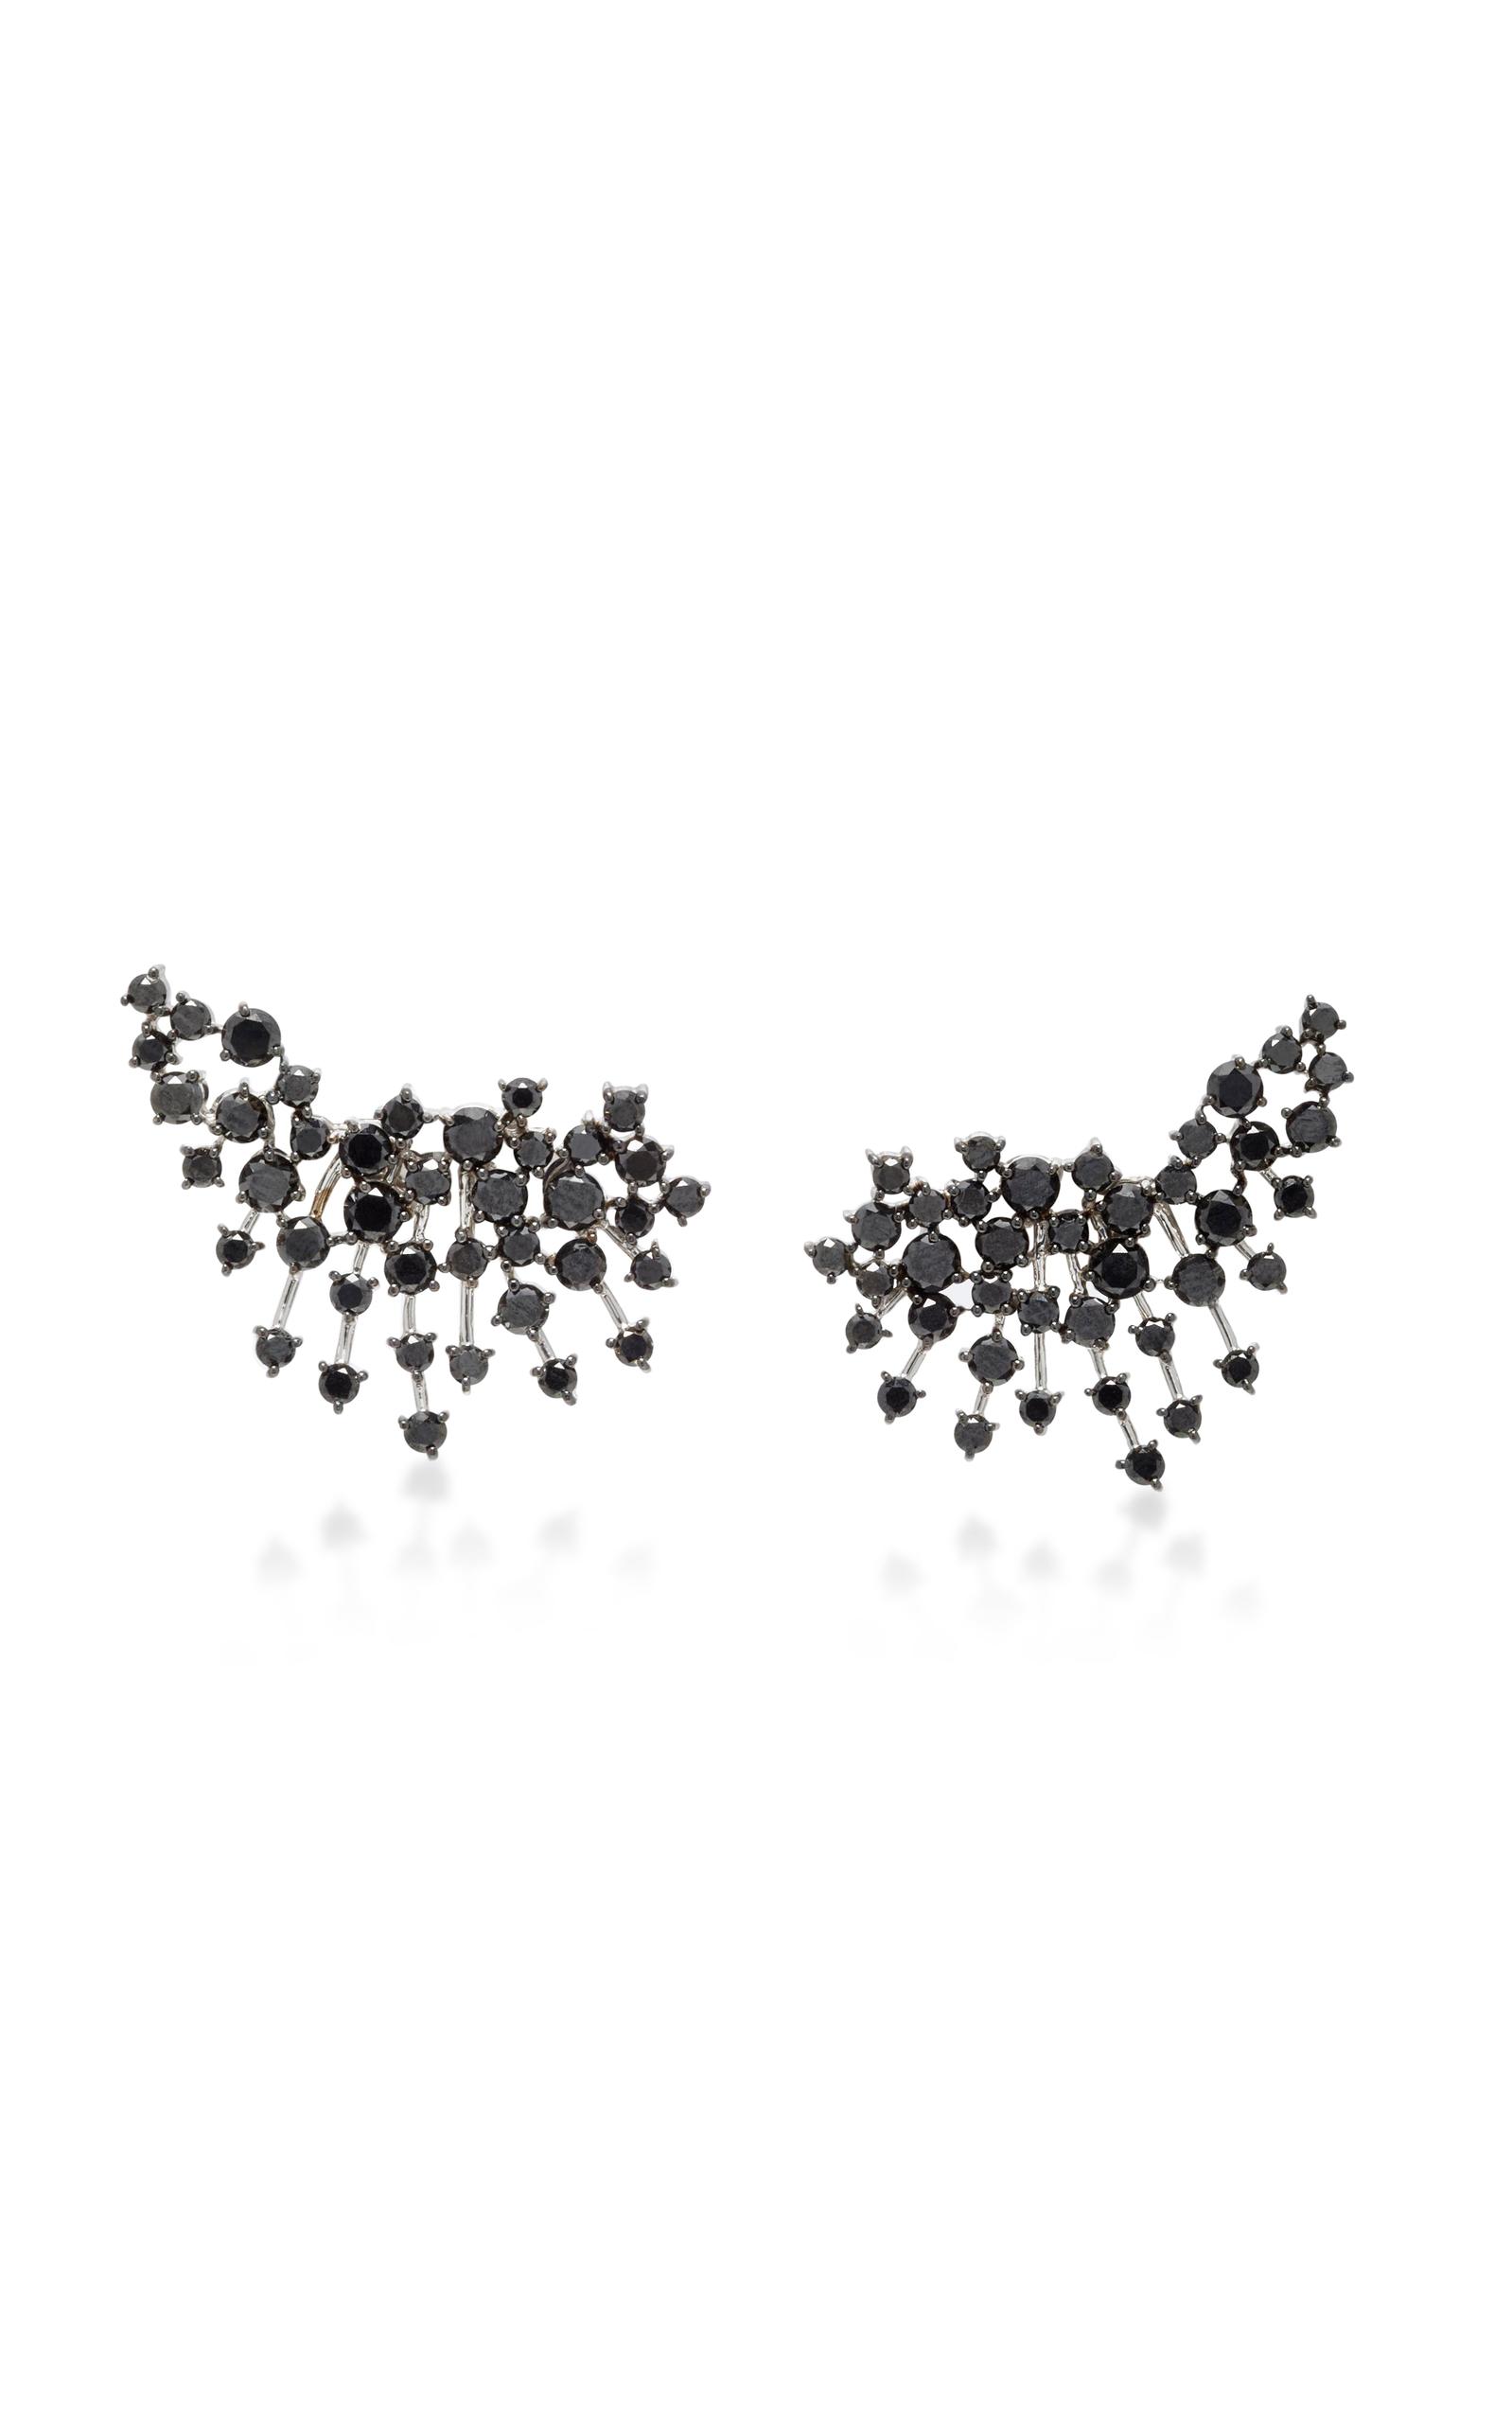 Luminus 18K White Gold Diamond Earrings Hueb WchZcs